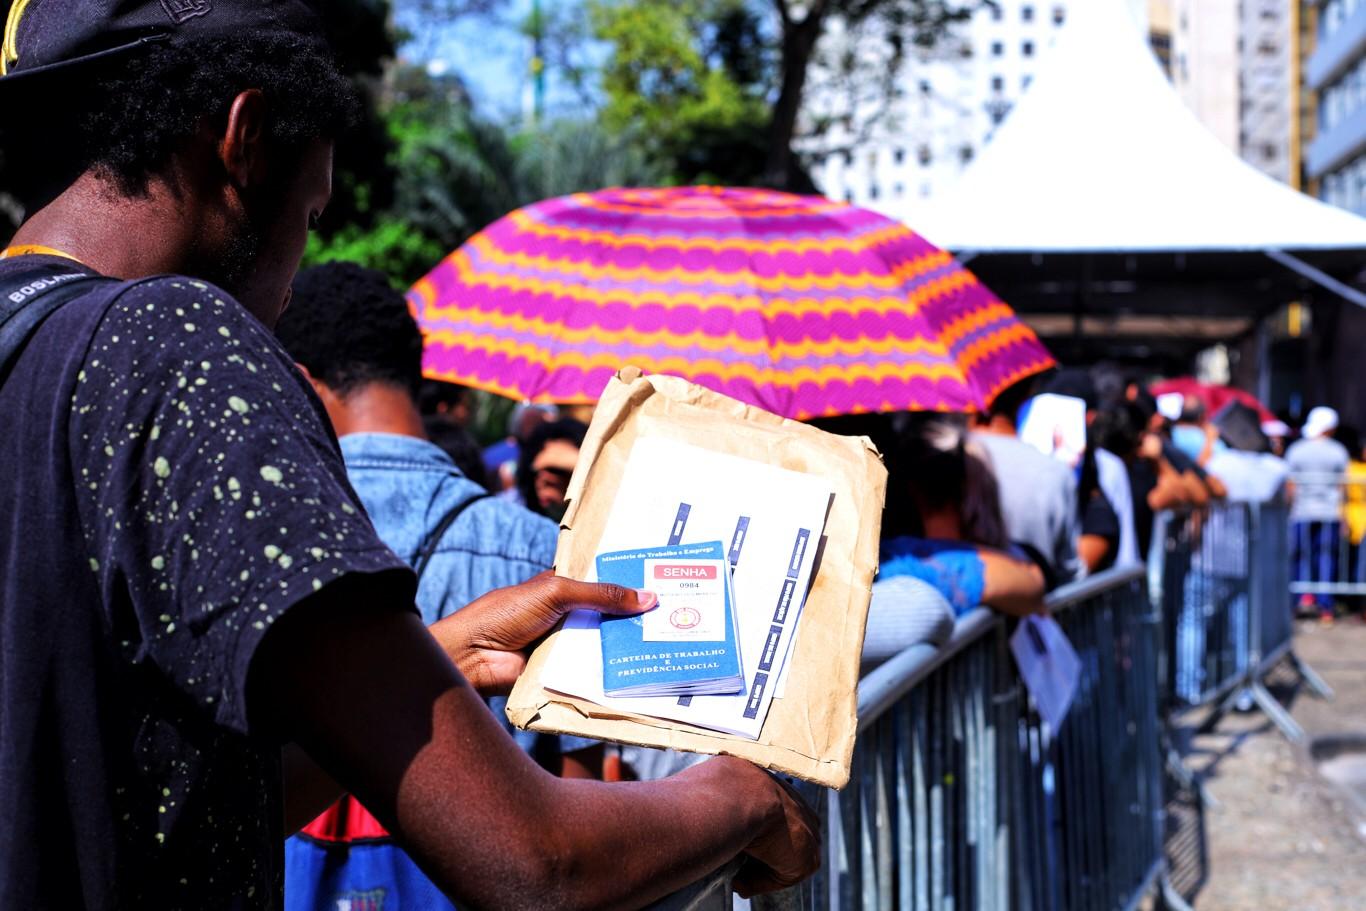 Candidatos fazem fila em mutirão do emprego que oferecia 4 mil vagas em São Paulo - desemprego - recessão - carteira de trabalho (Foto: Roberto Parizotti/Fotos Públicas)